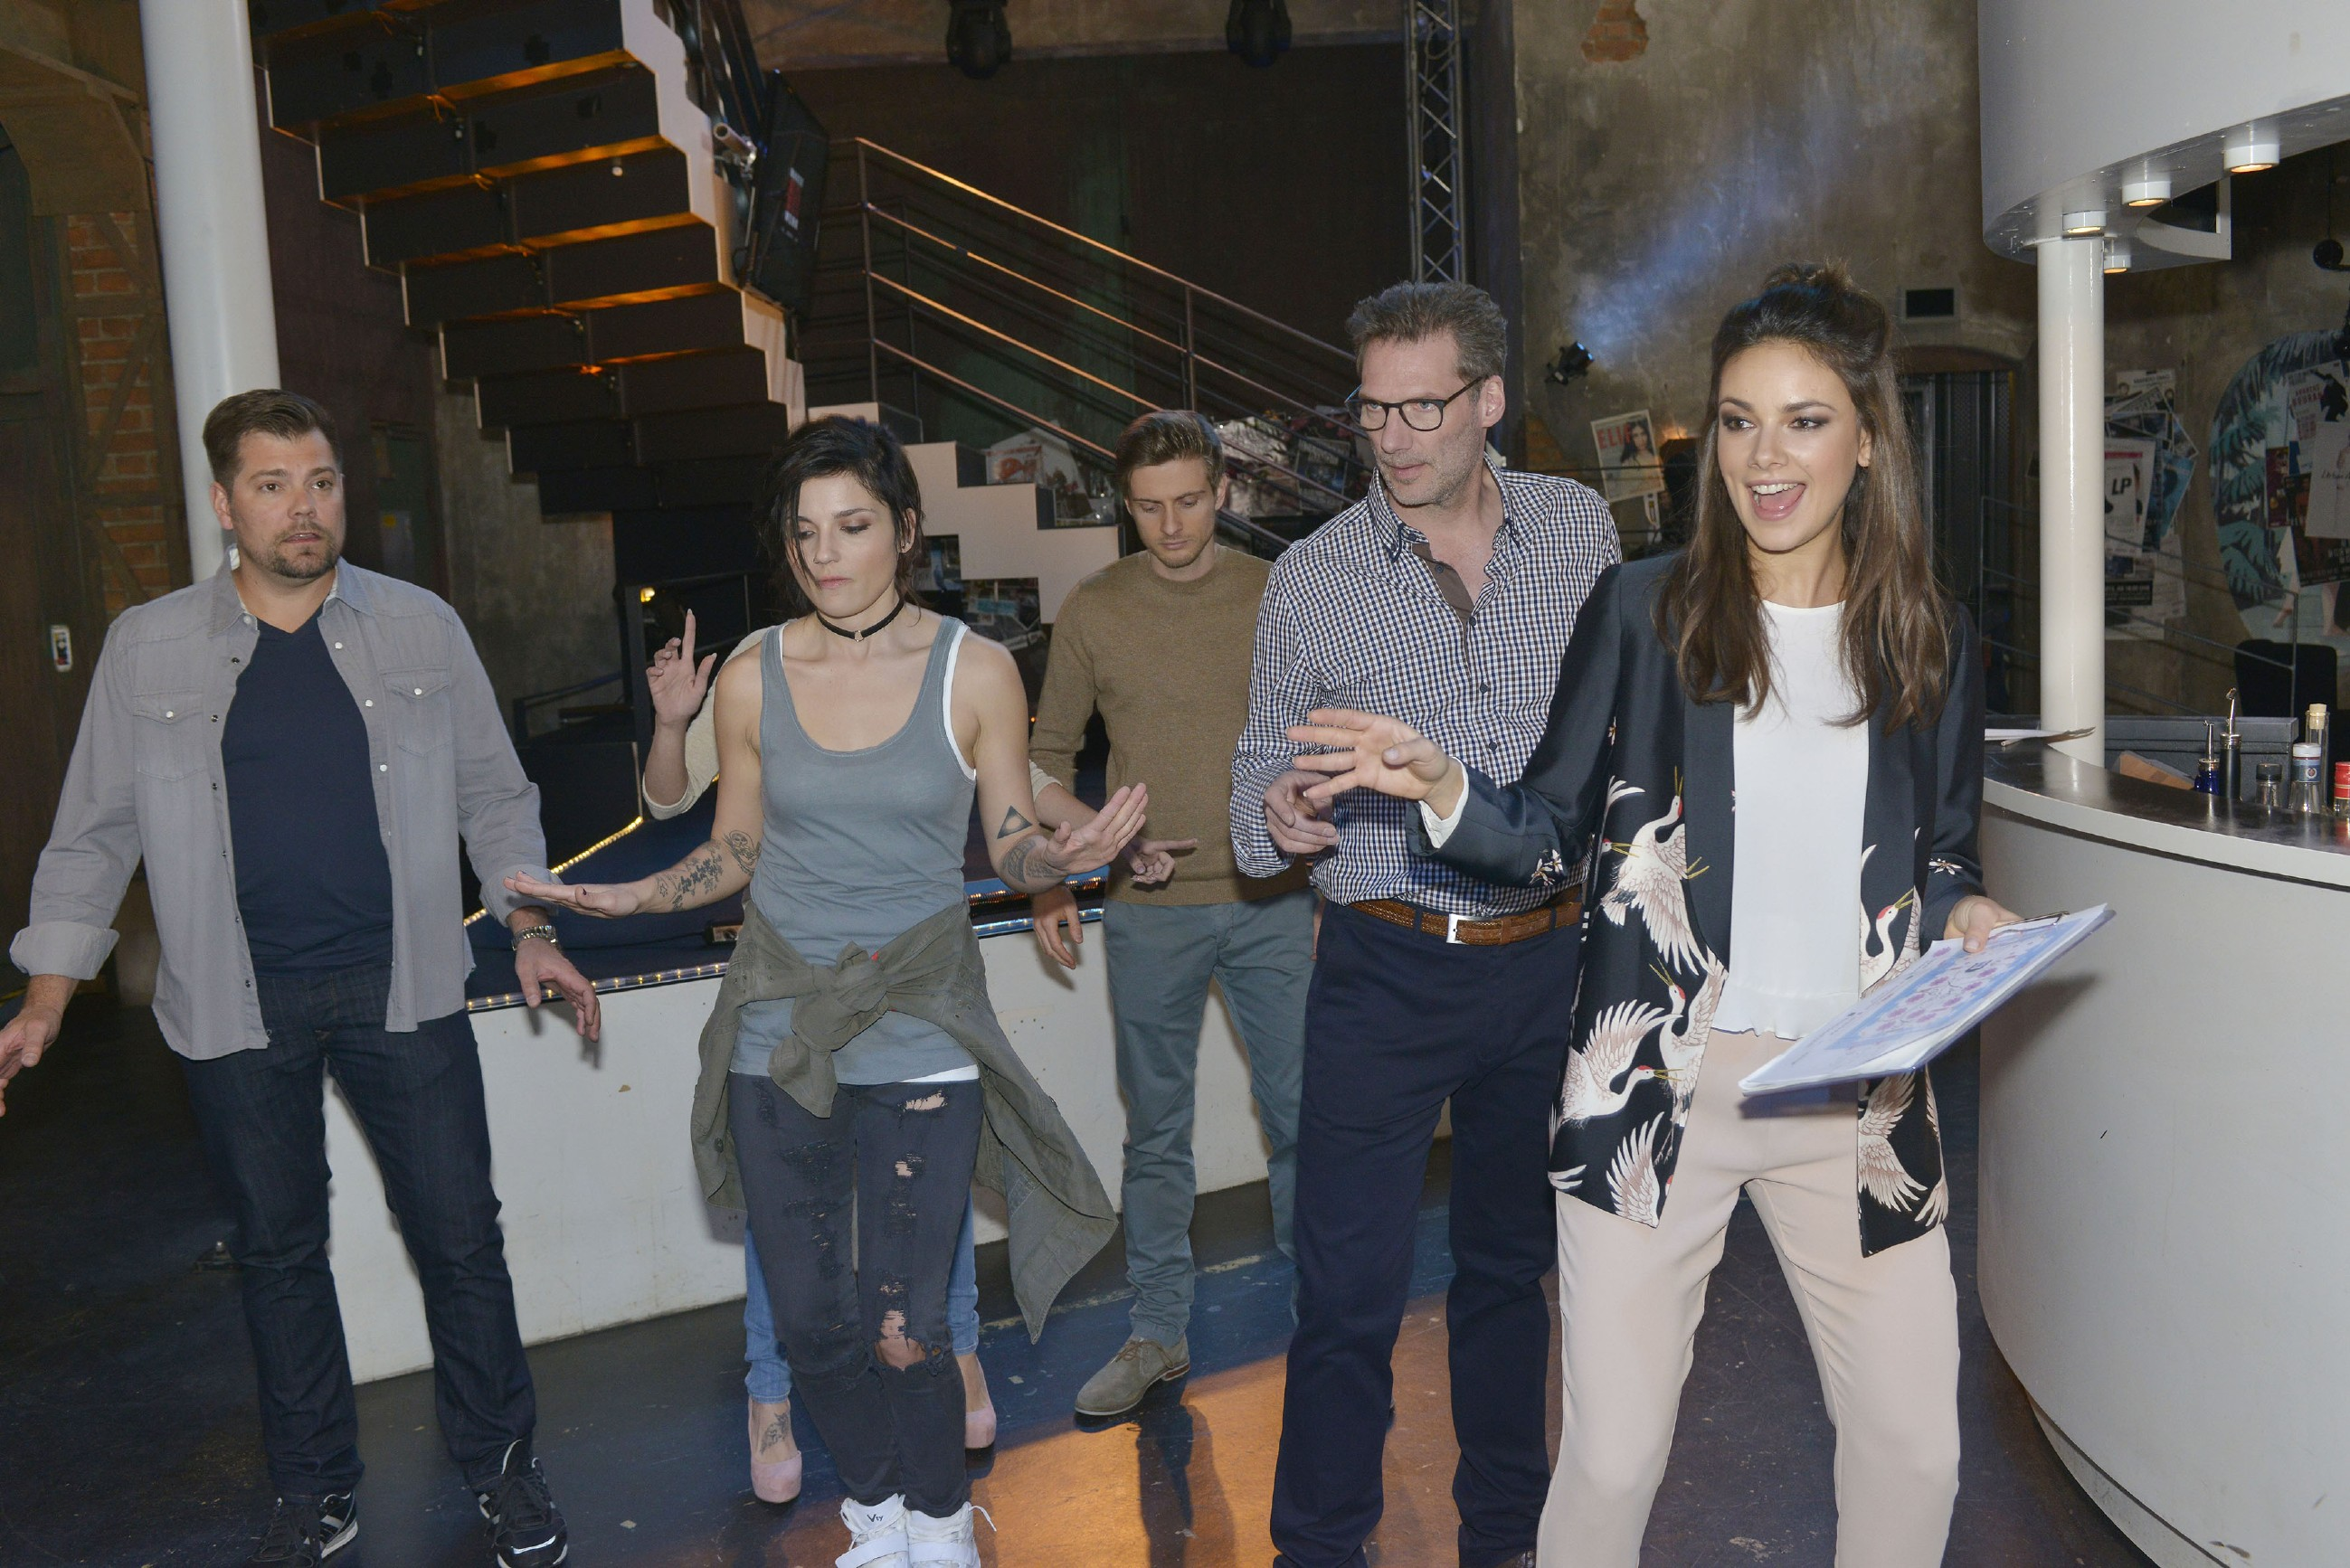 Jasmin (Janina Uhse, r.) versucht mit (v.l.) Leon (Daniel Fehlow), Anni (Linda Marlen Runge), Philip (Jörn Schlönvoigt) und Alexander (Clemens Löhr) einen Last-Minute-Flashmob für die Hochzeit auf die Beine zu stellen. Und scheitert kläglich... (Quelle: RTL / Rolf Baumgartner)